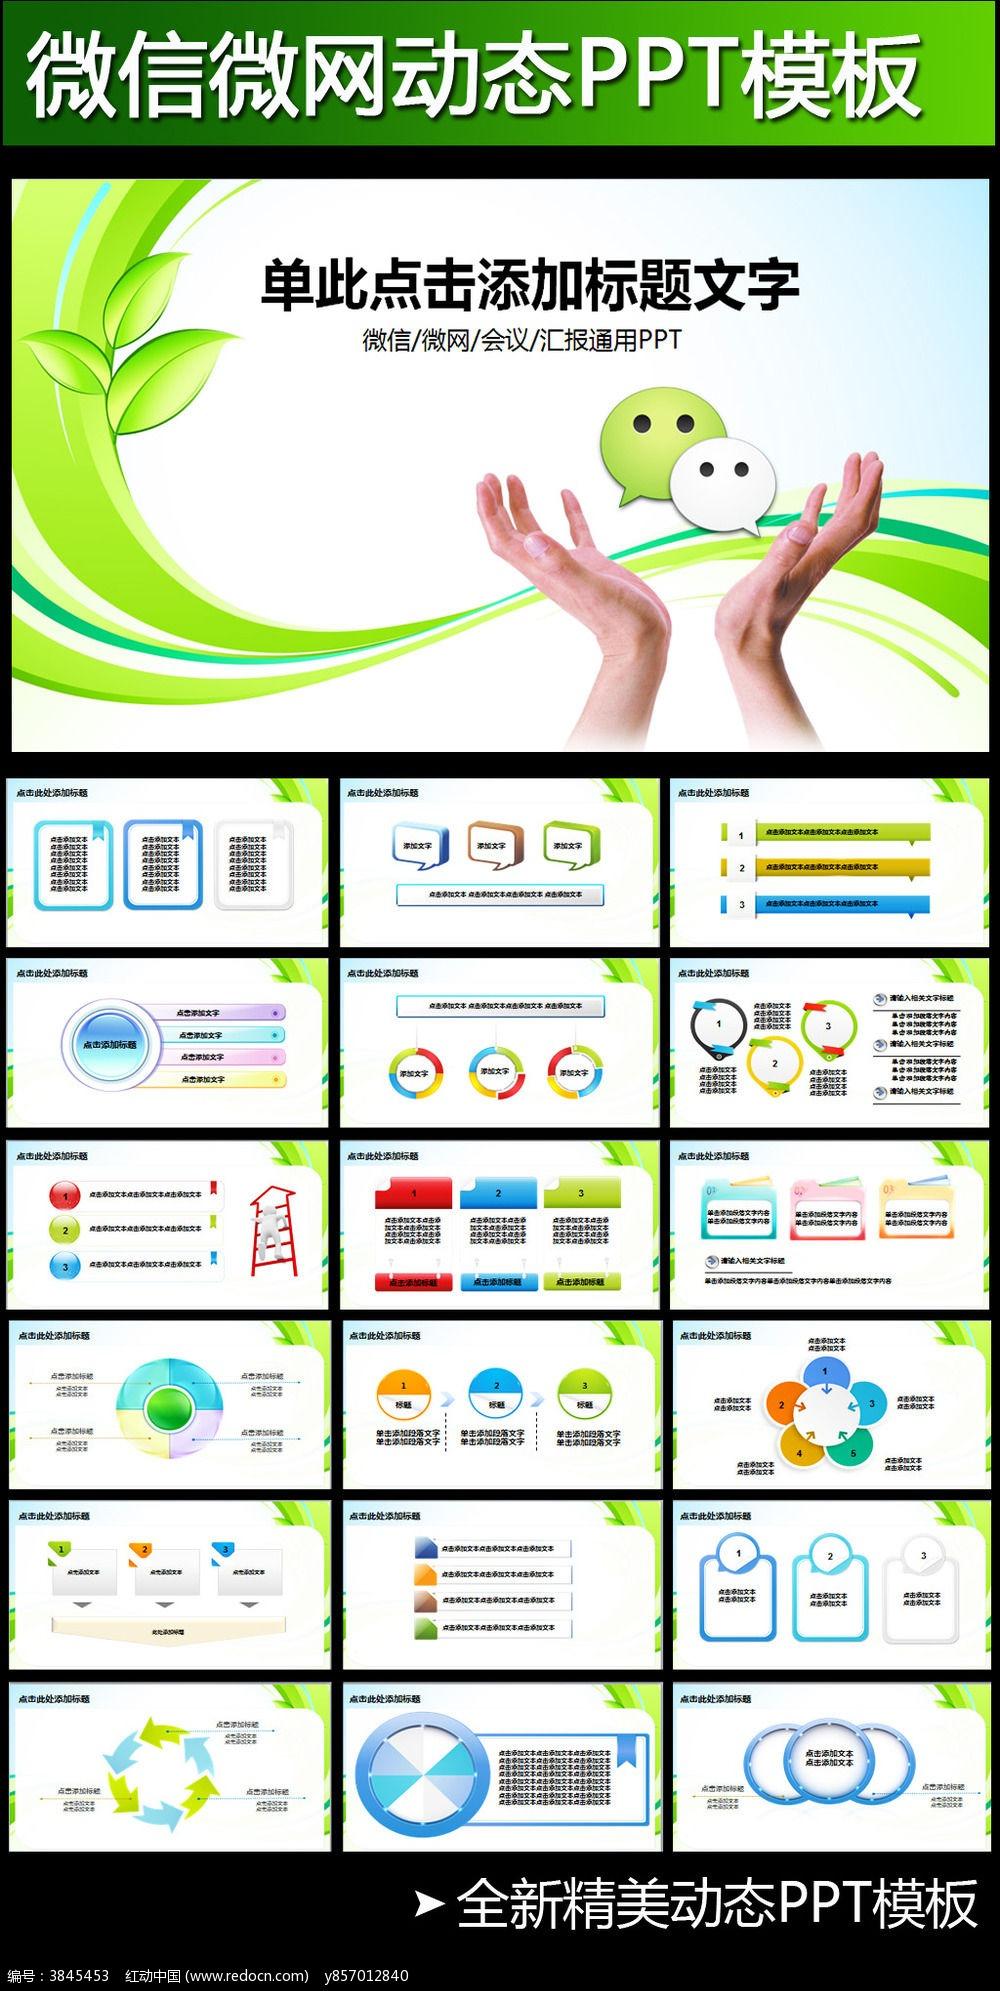 微信营销方案PPT模板公众平台培训课件_ppt模